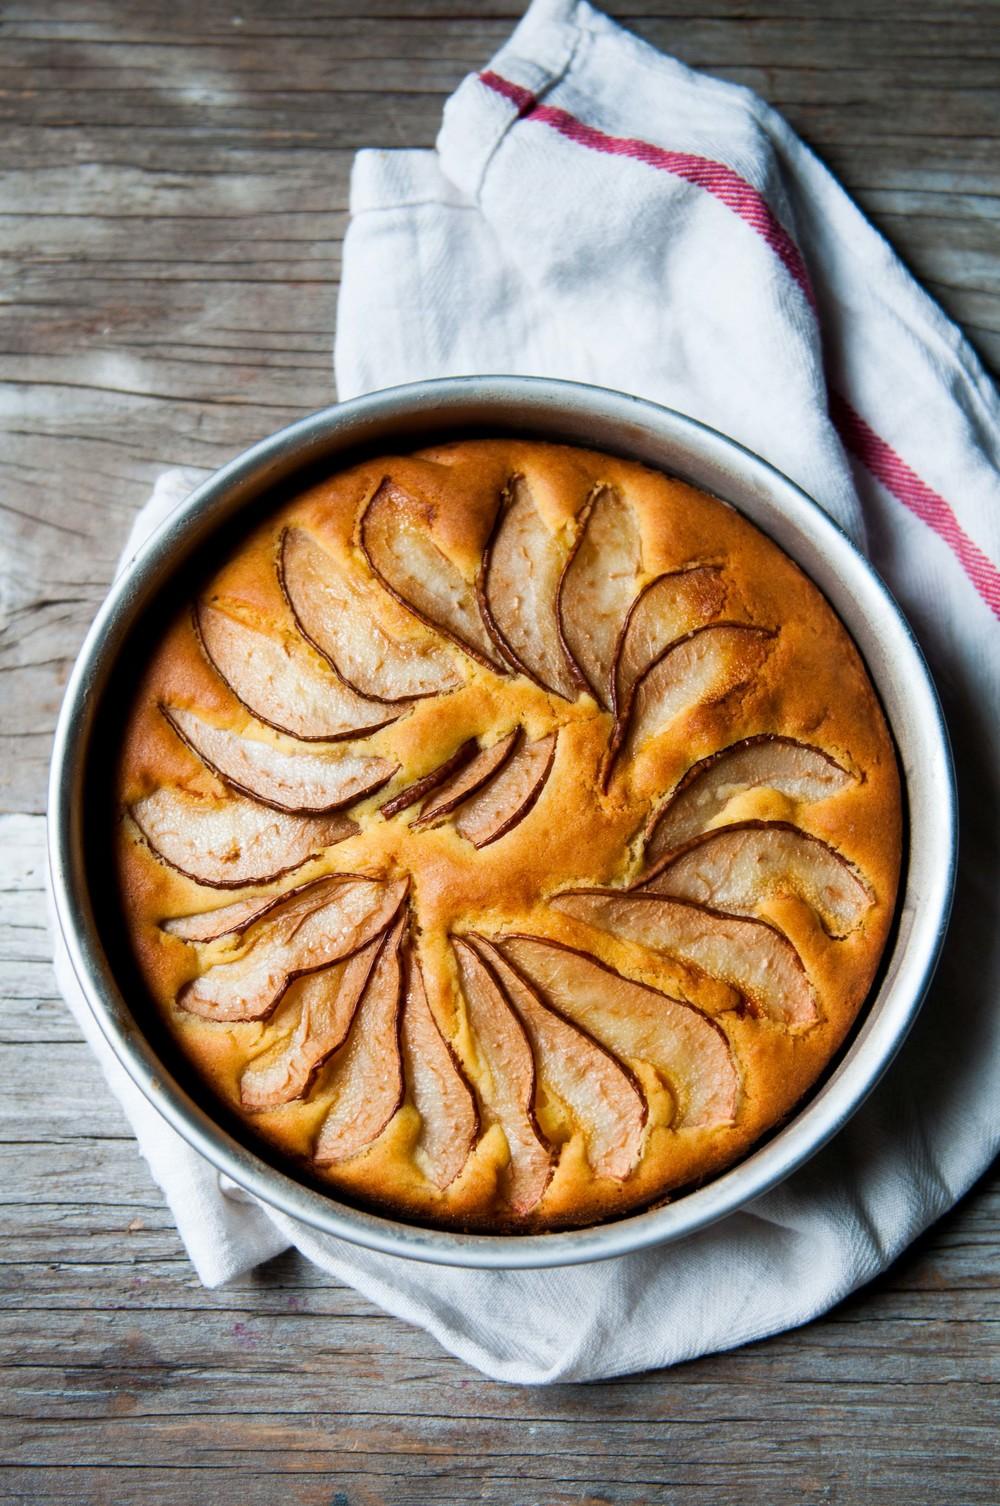 torta de pera (Italian Pear Cake)